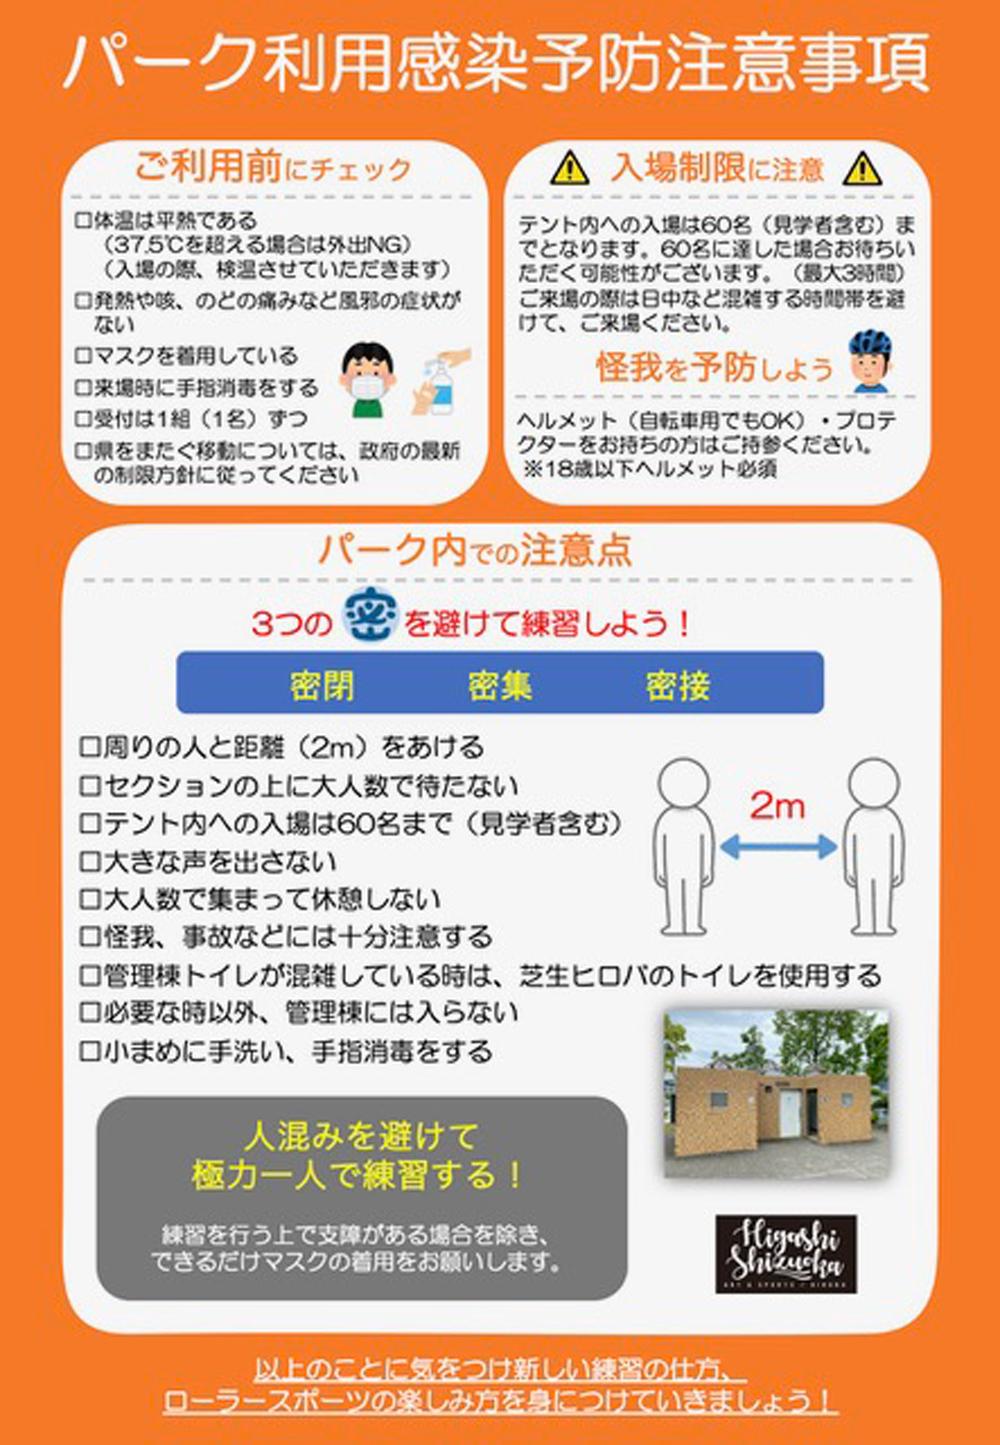 感染予防対策について